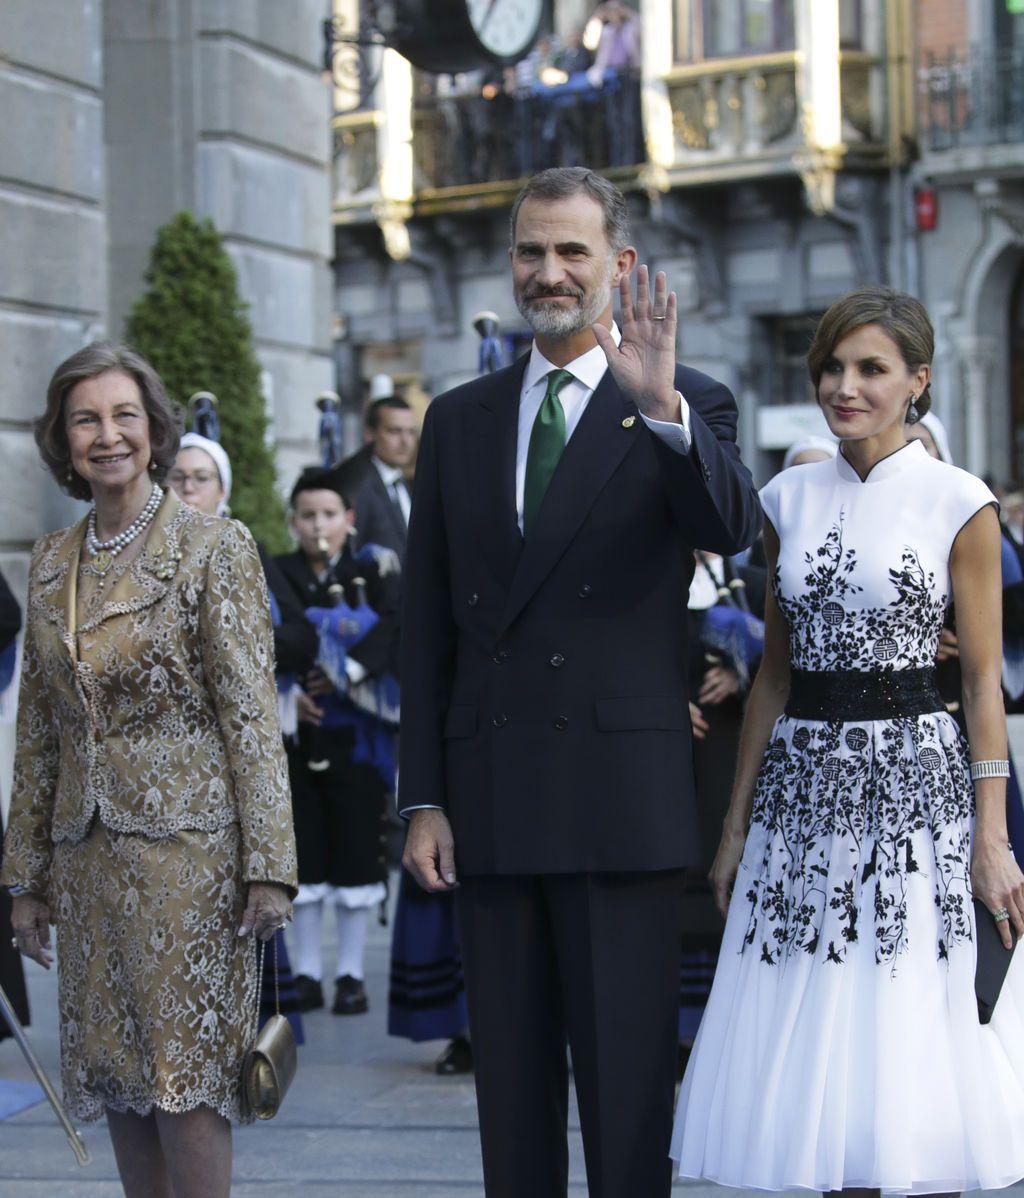 Sofia con un dos piezas estampado, Felipe de traje marino y Letizia con un vestido en blanco y negro